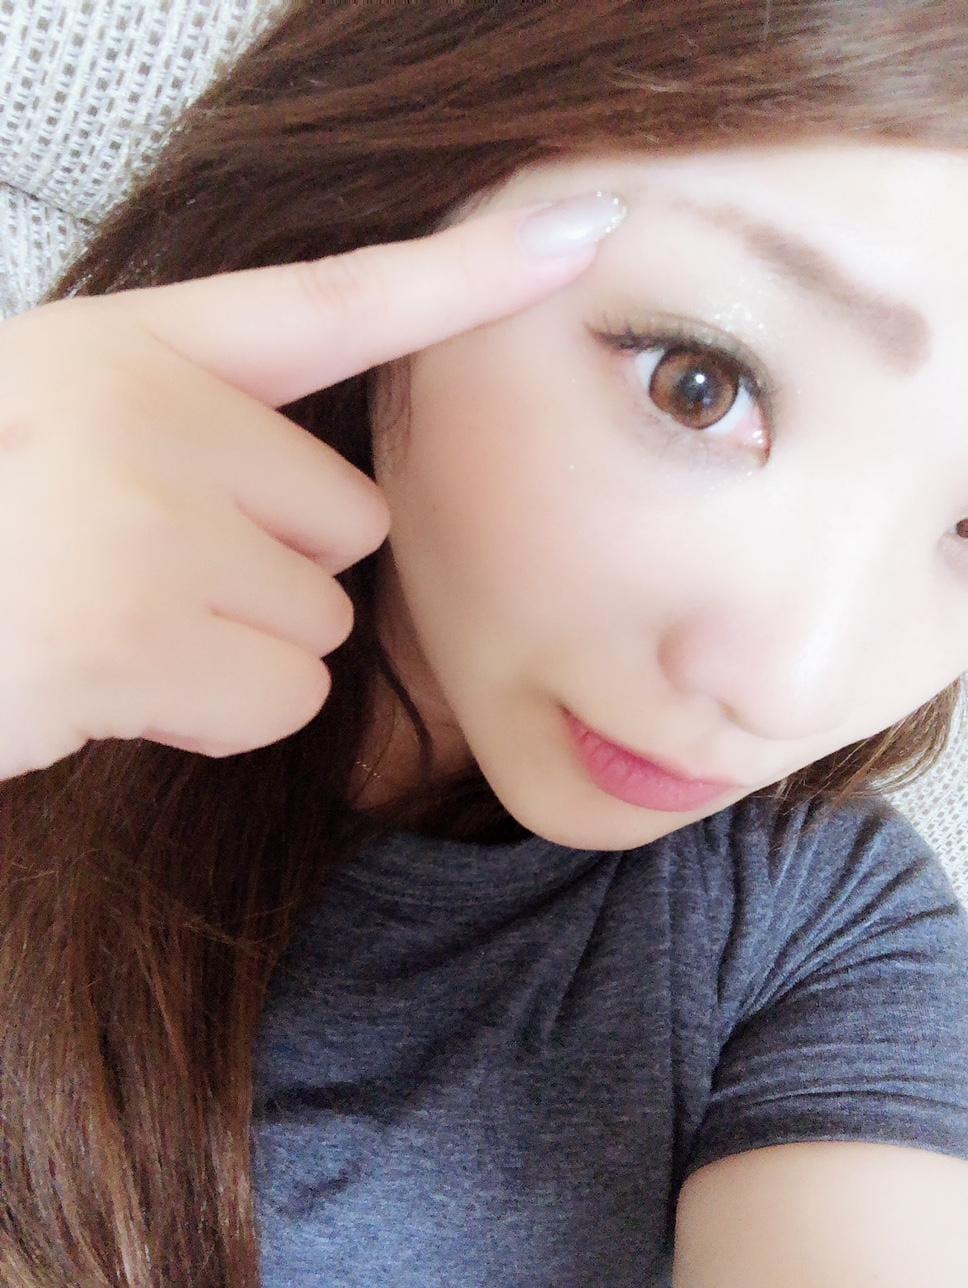 「まとめてお礼♡」05/23(水) 05:56    れももんの写メ・風俗動画